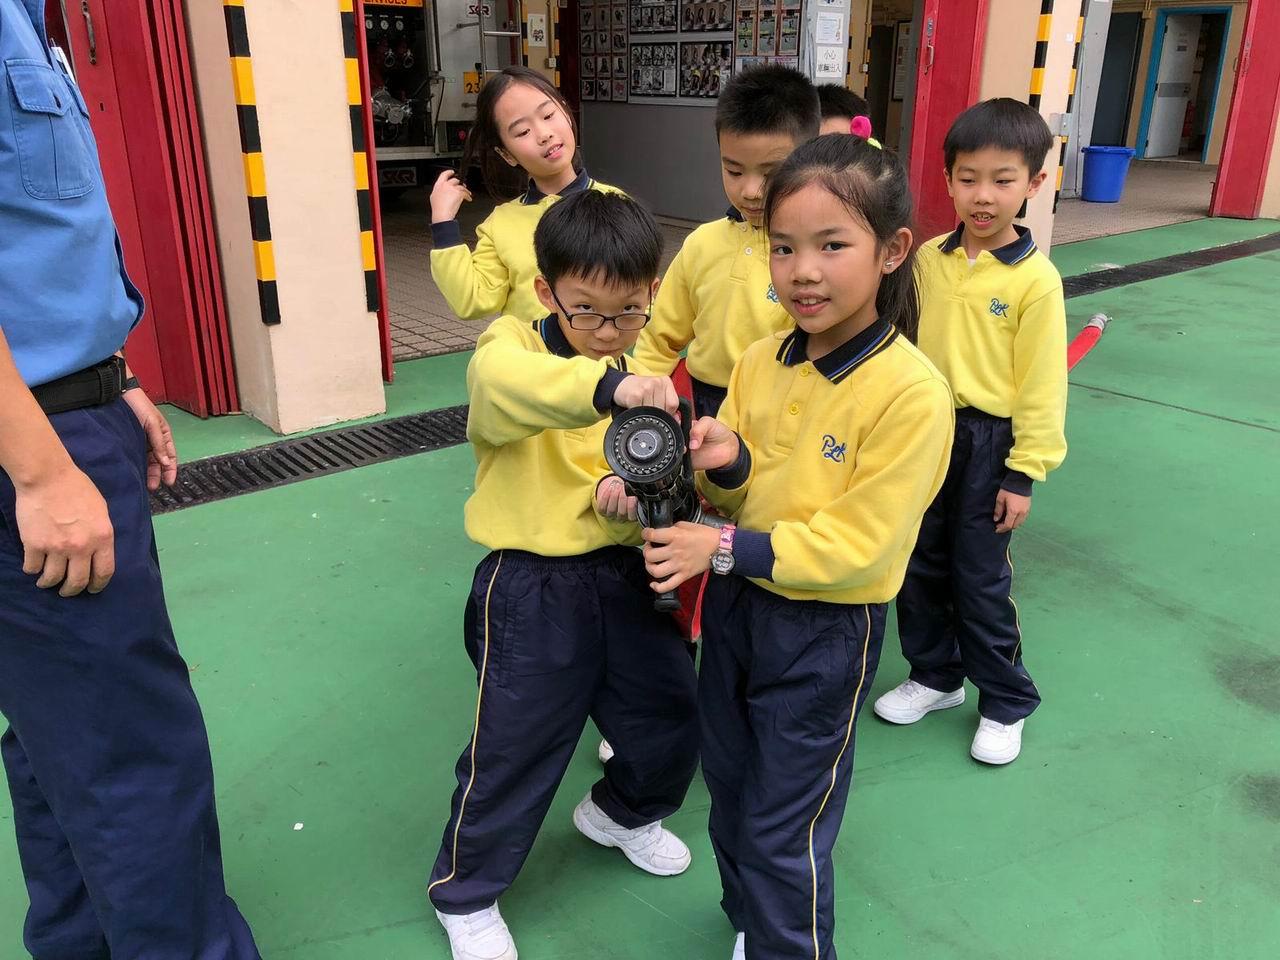 https://plkcjy.edu.hk/sites/default/files/img-20190220-wa0052.jpg